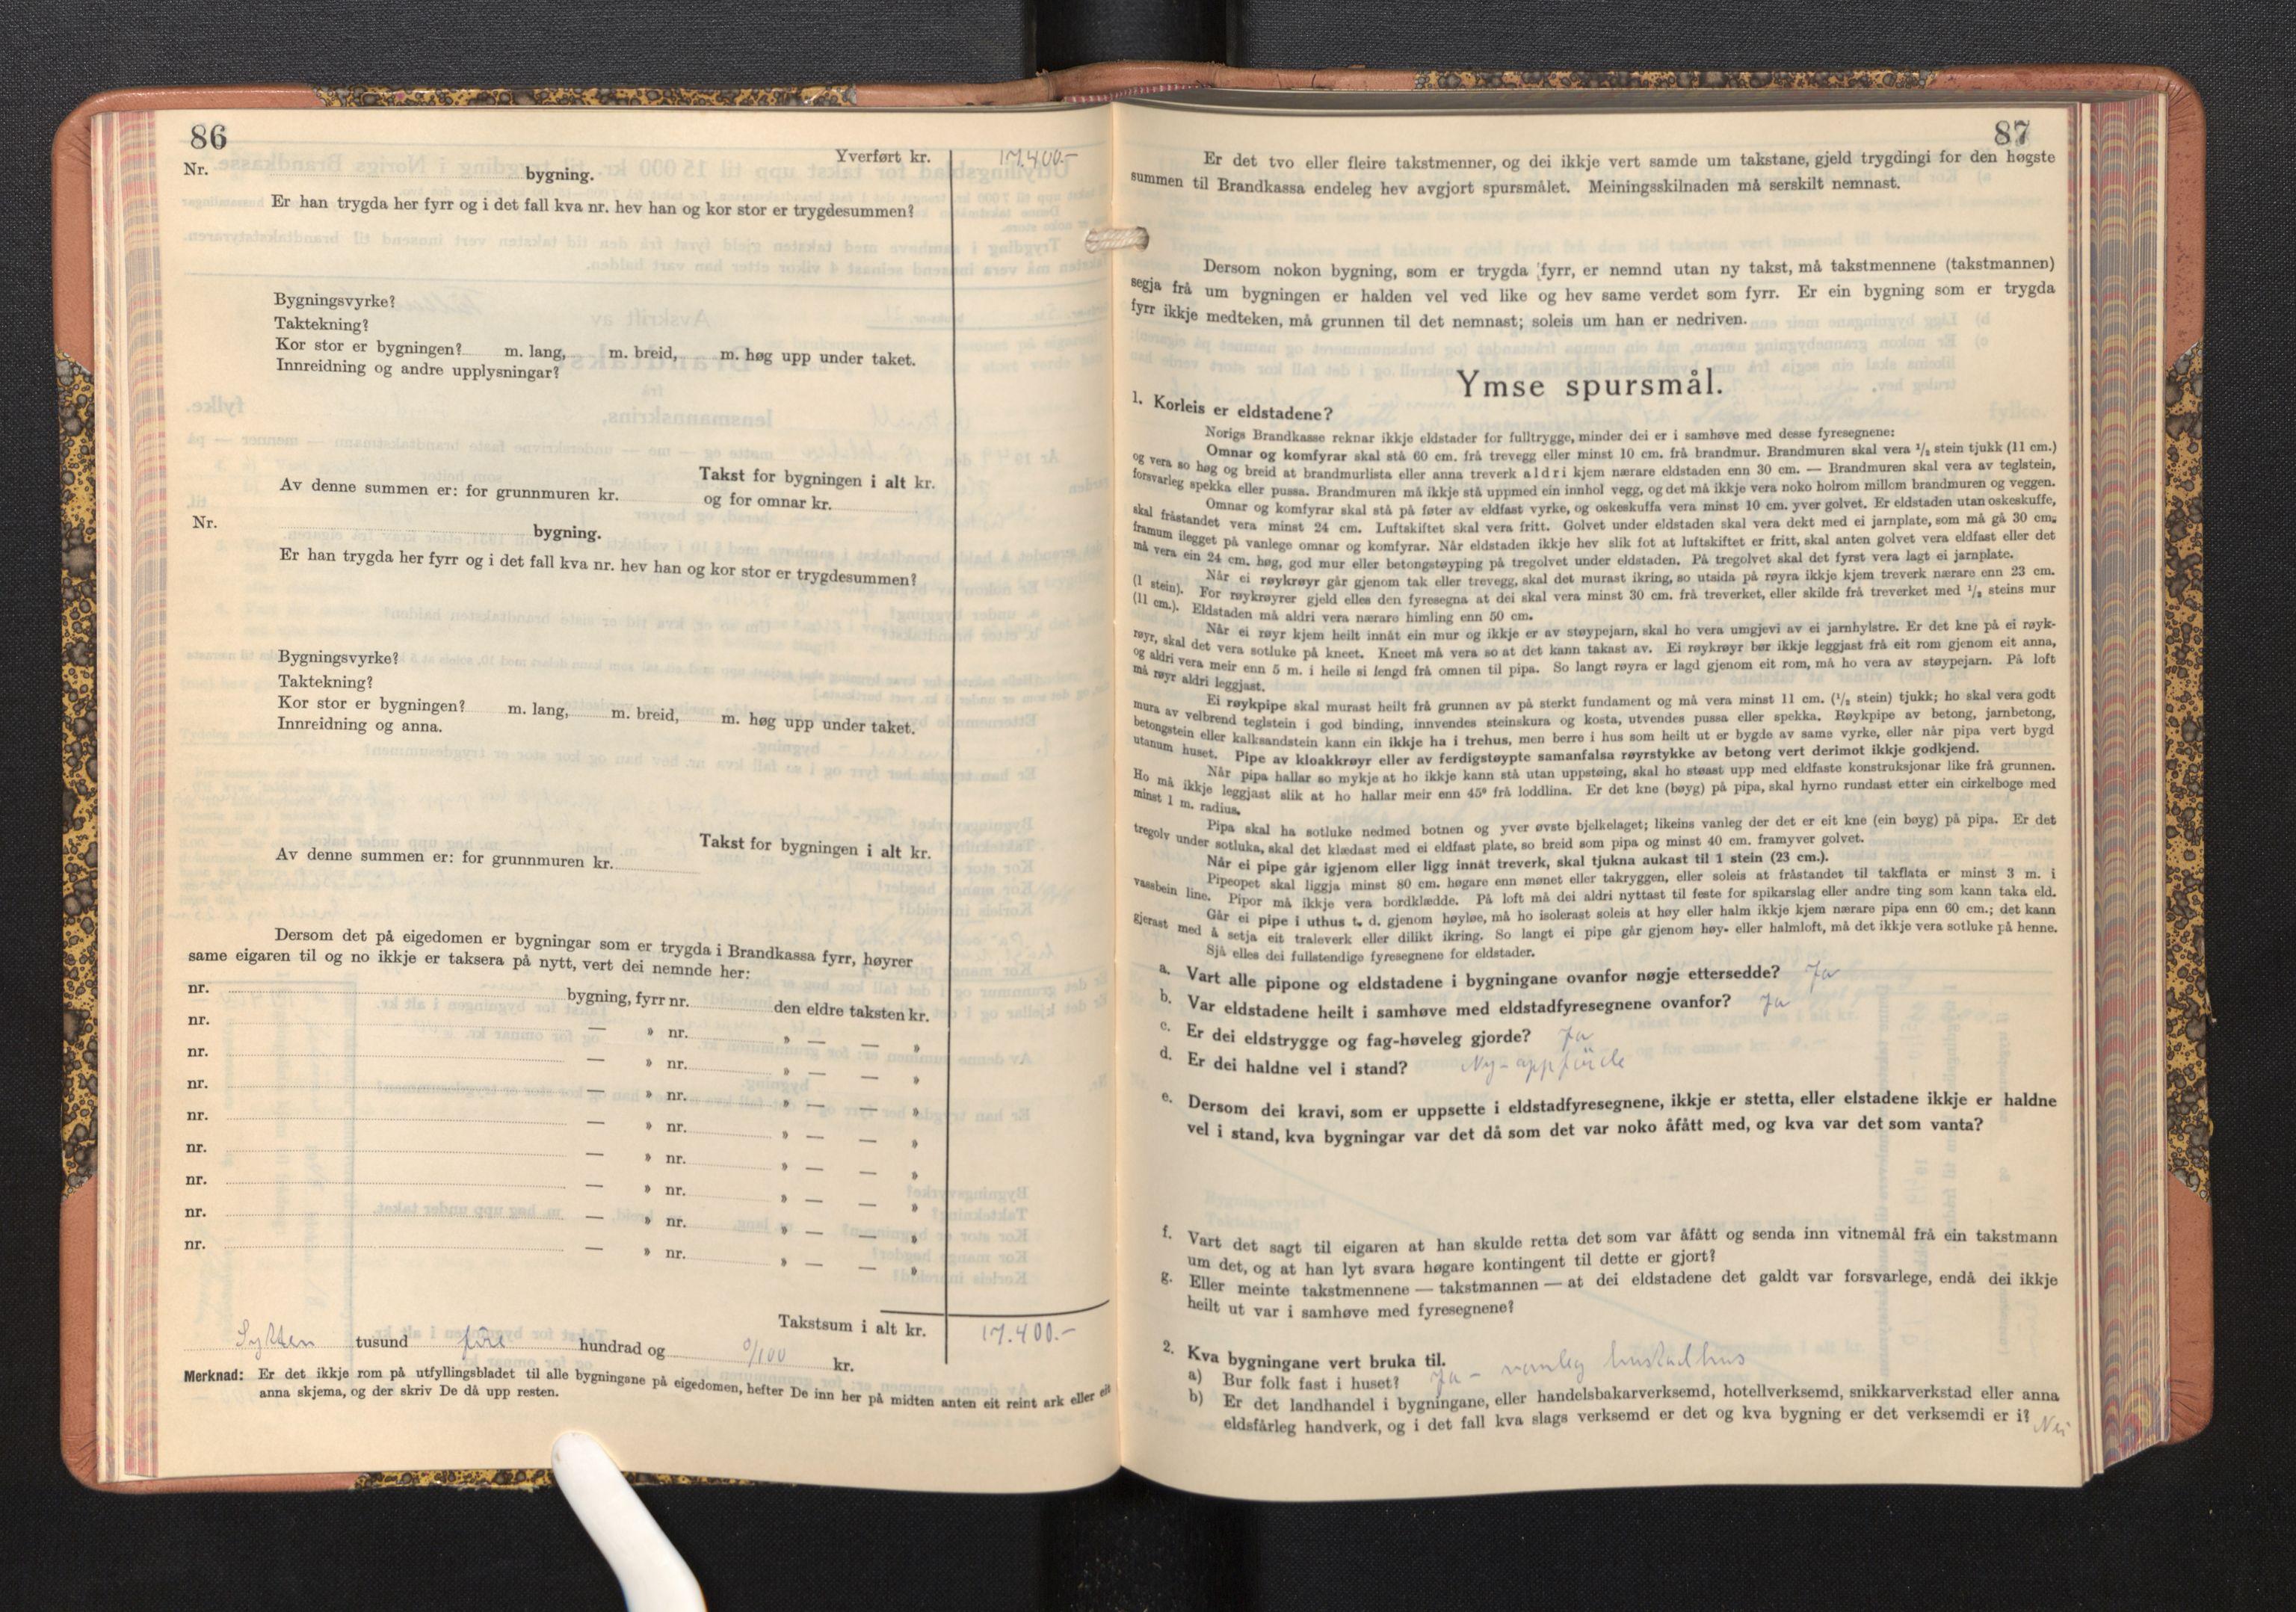 SAB, Lensmannen i Askvoll, 0012/L0005: Branntakstprotokoll, skjematakst, 1940-1949, s. 86-87